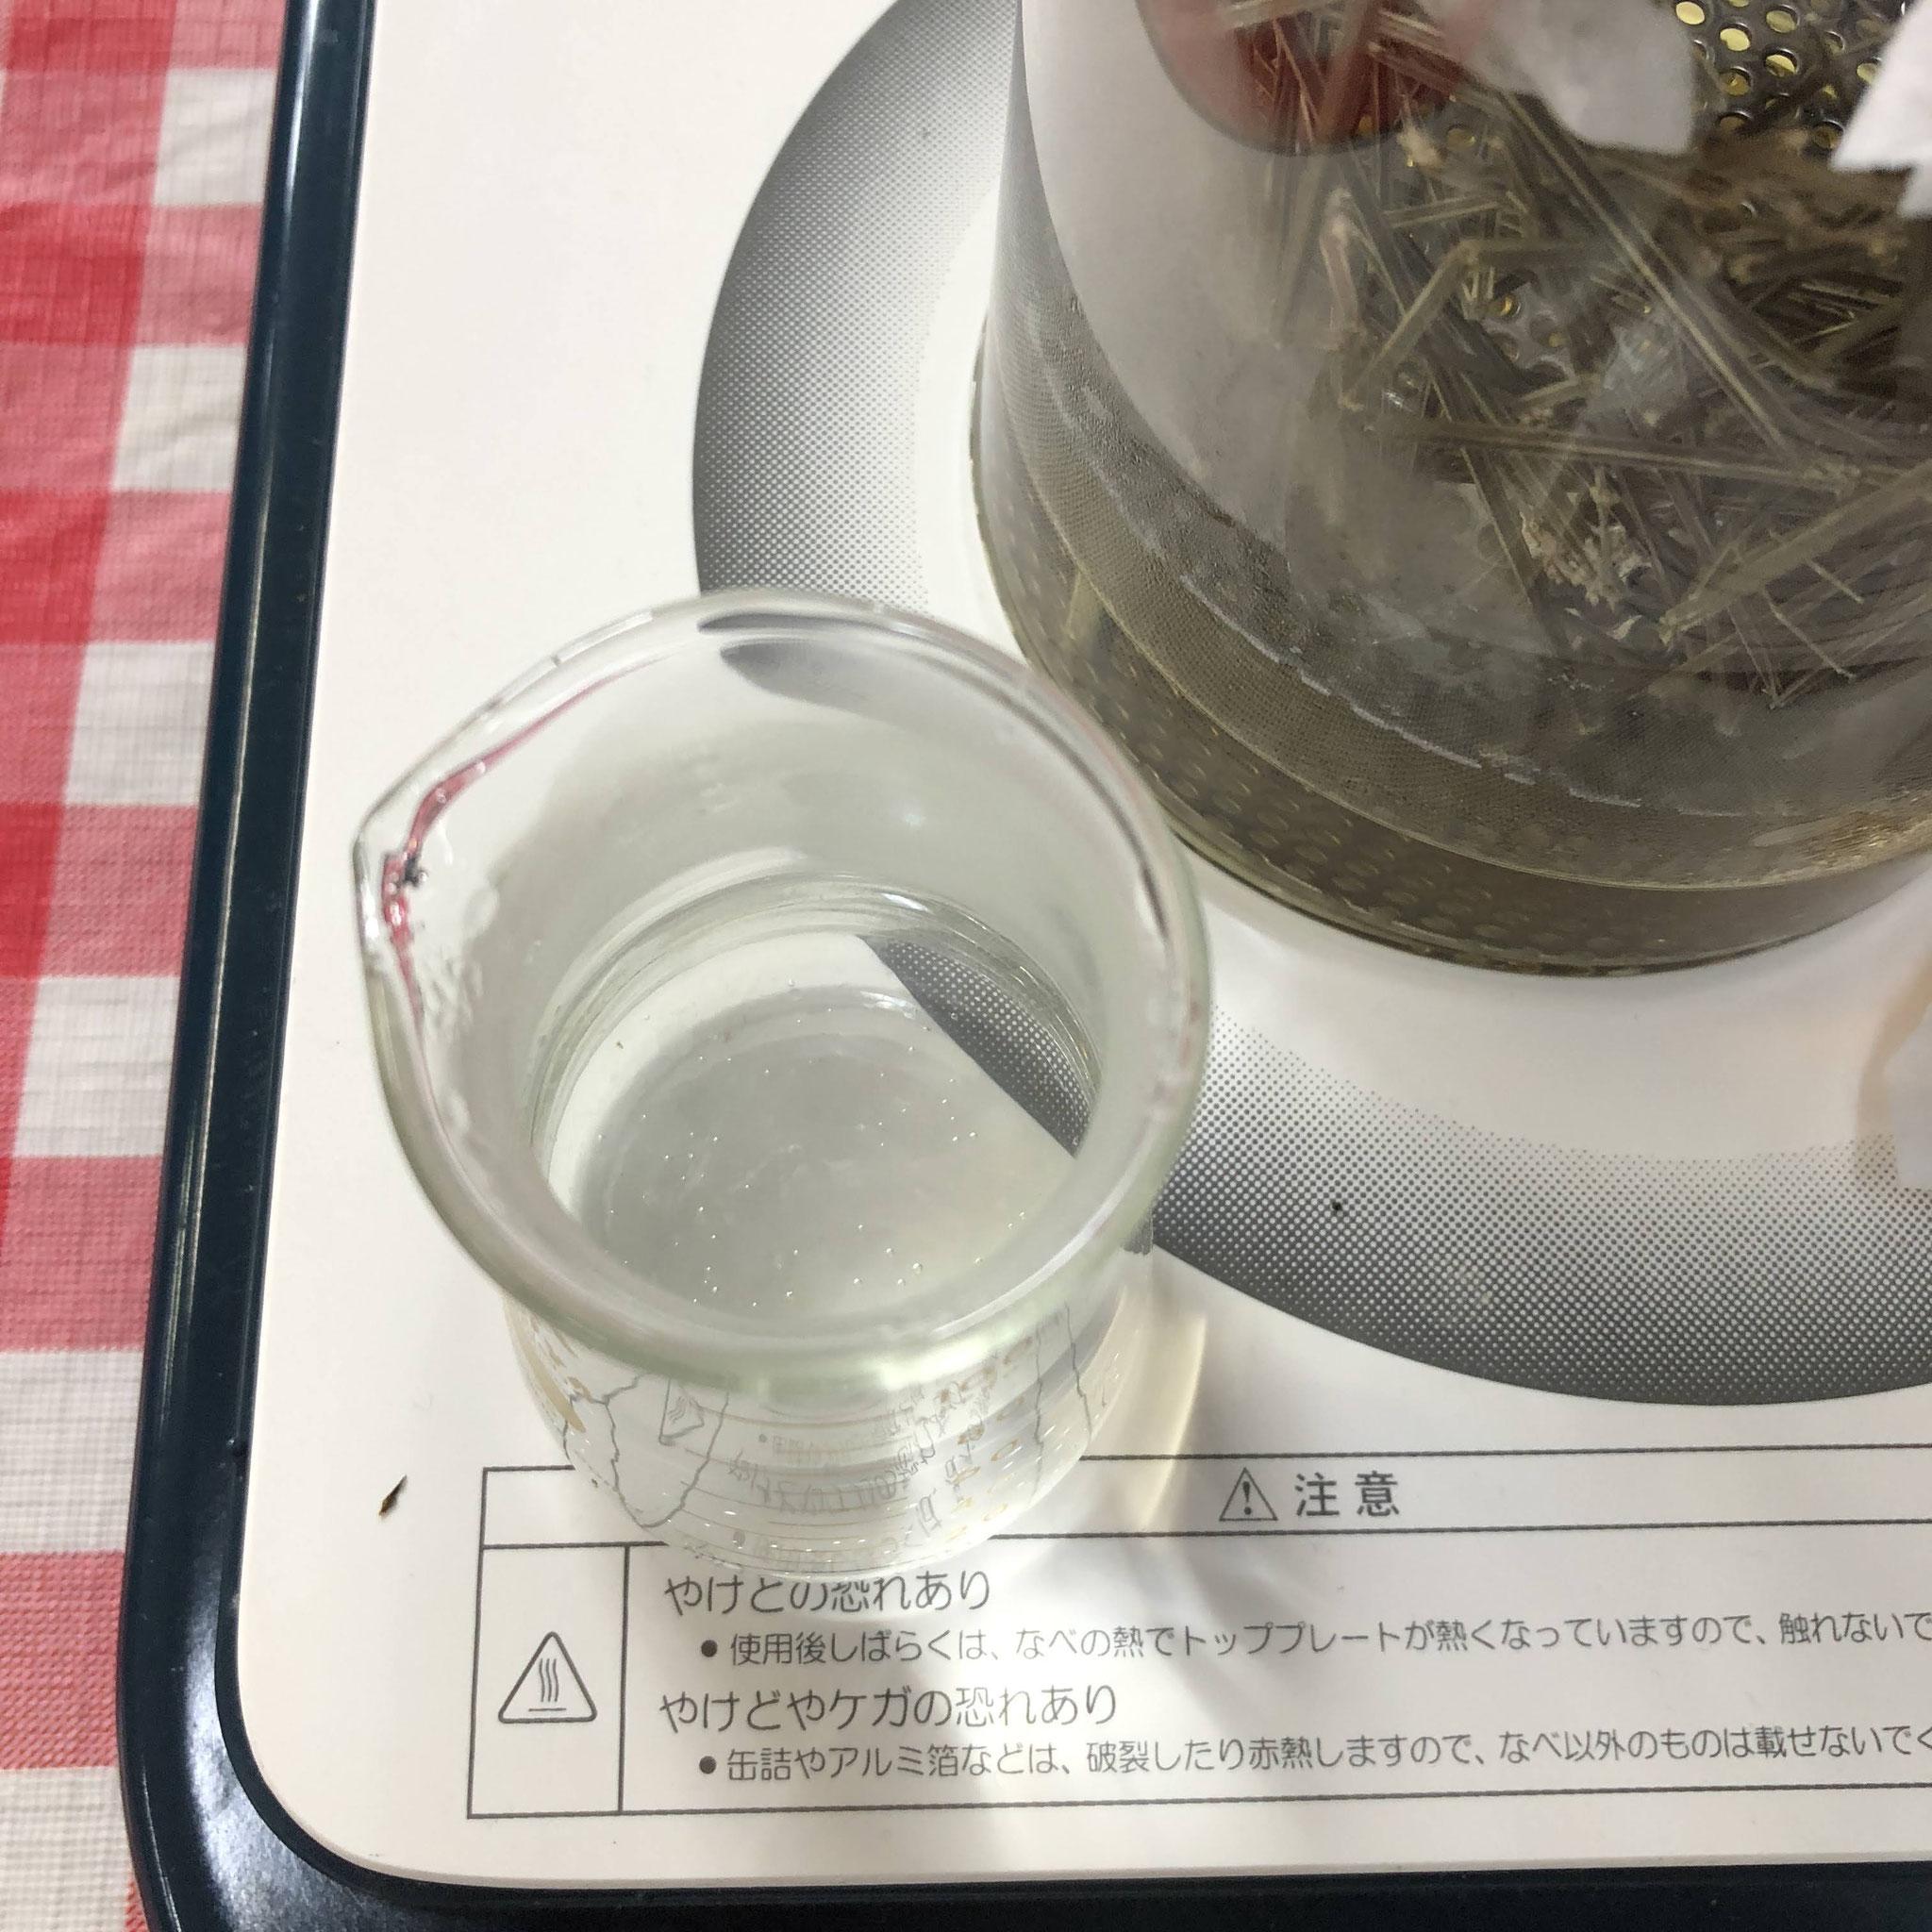 リカロマminiでラベンダー芳香蒸留水+疎水性成分が少々採れました。